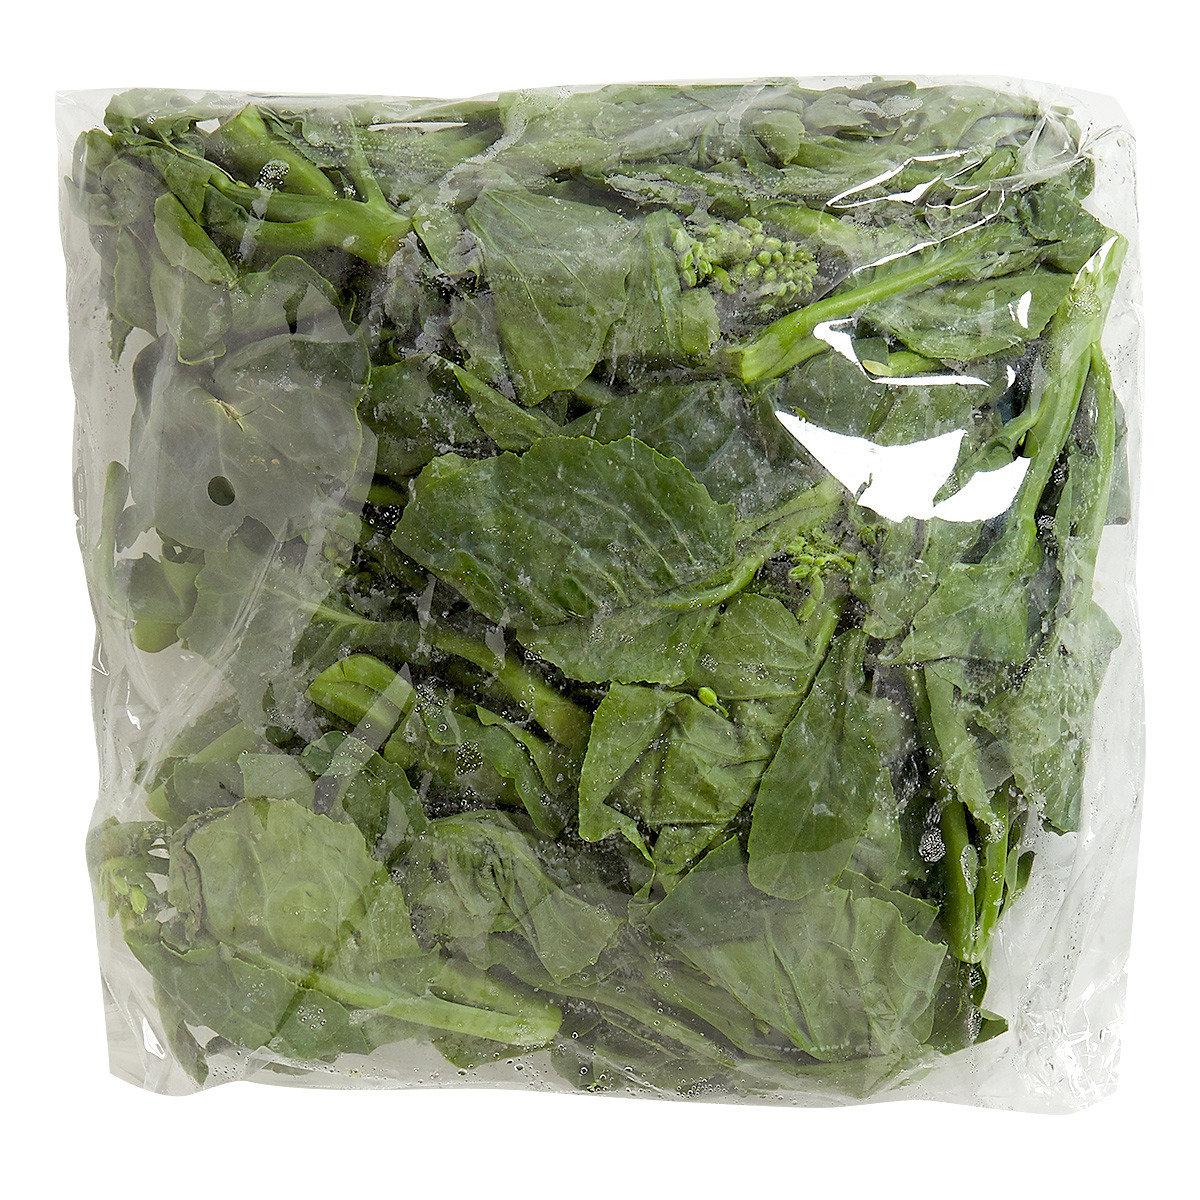 芥蘭苗 (約200-300克)